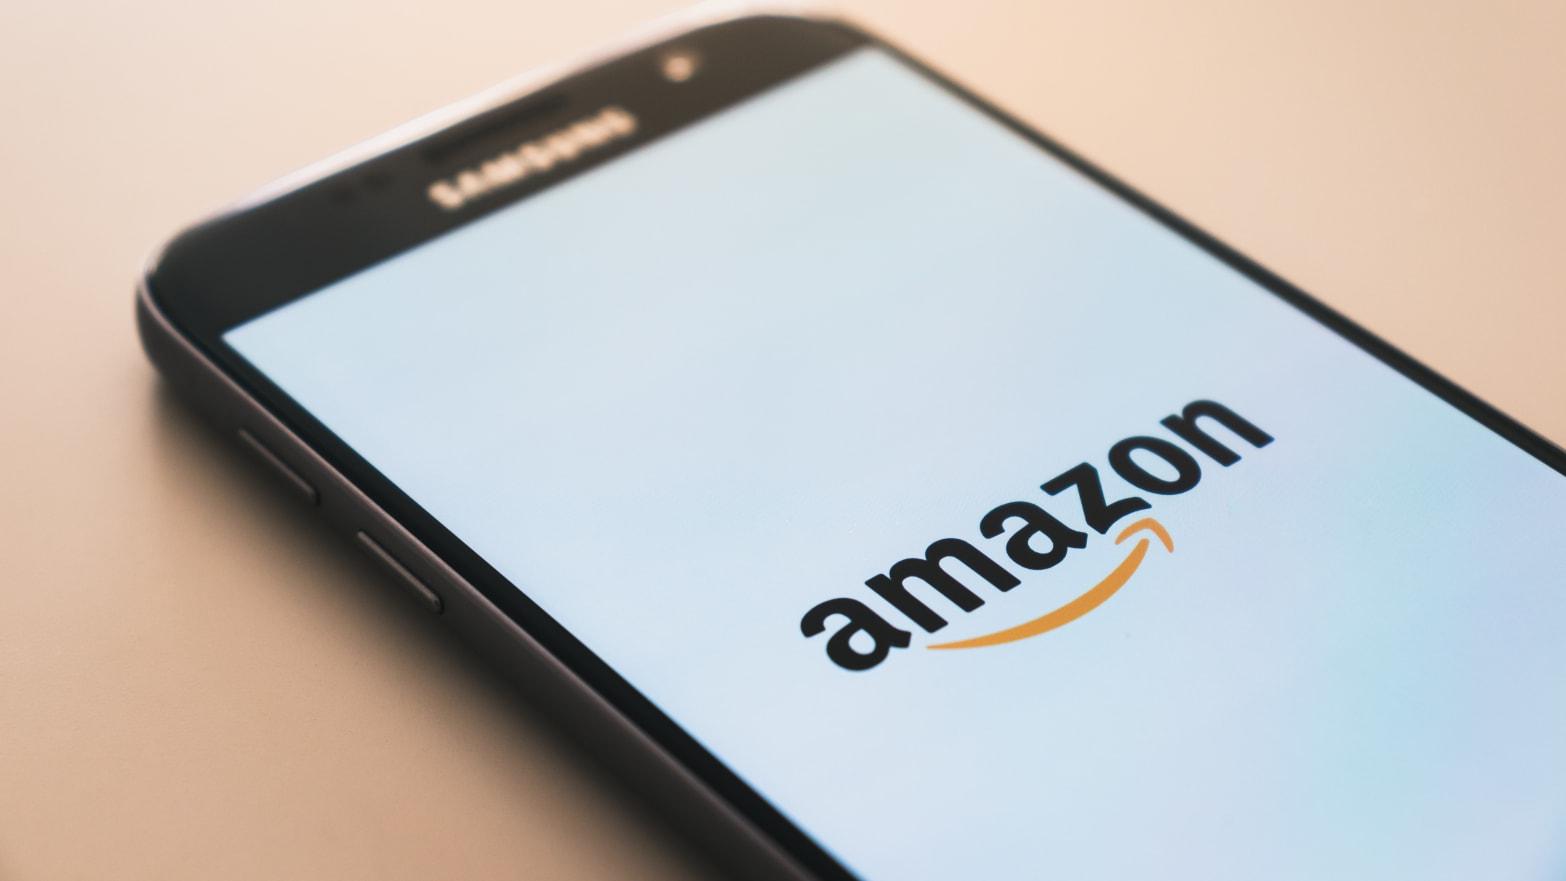 Amazon Prime Day: How to Prepare